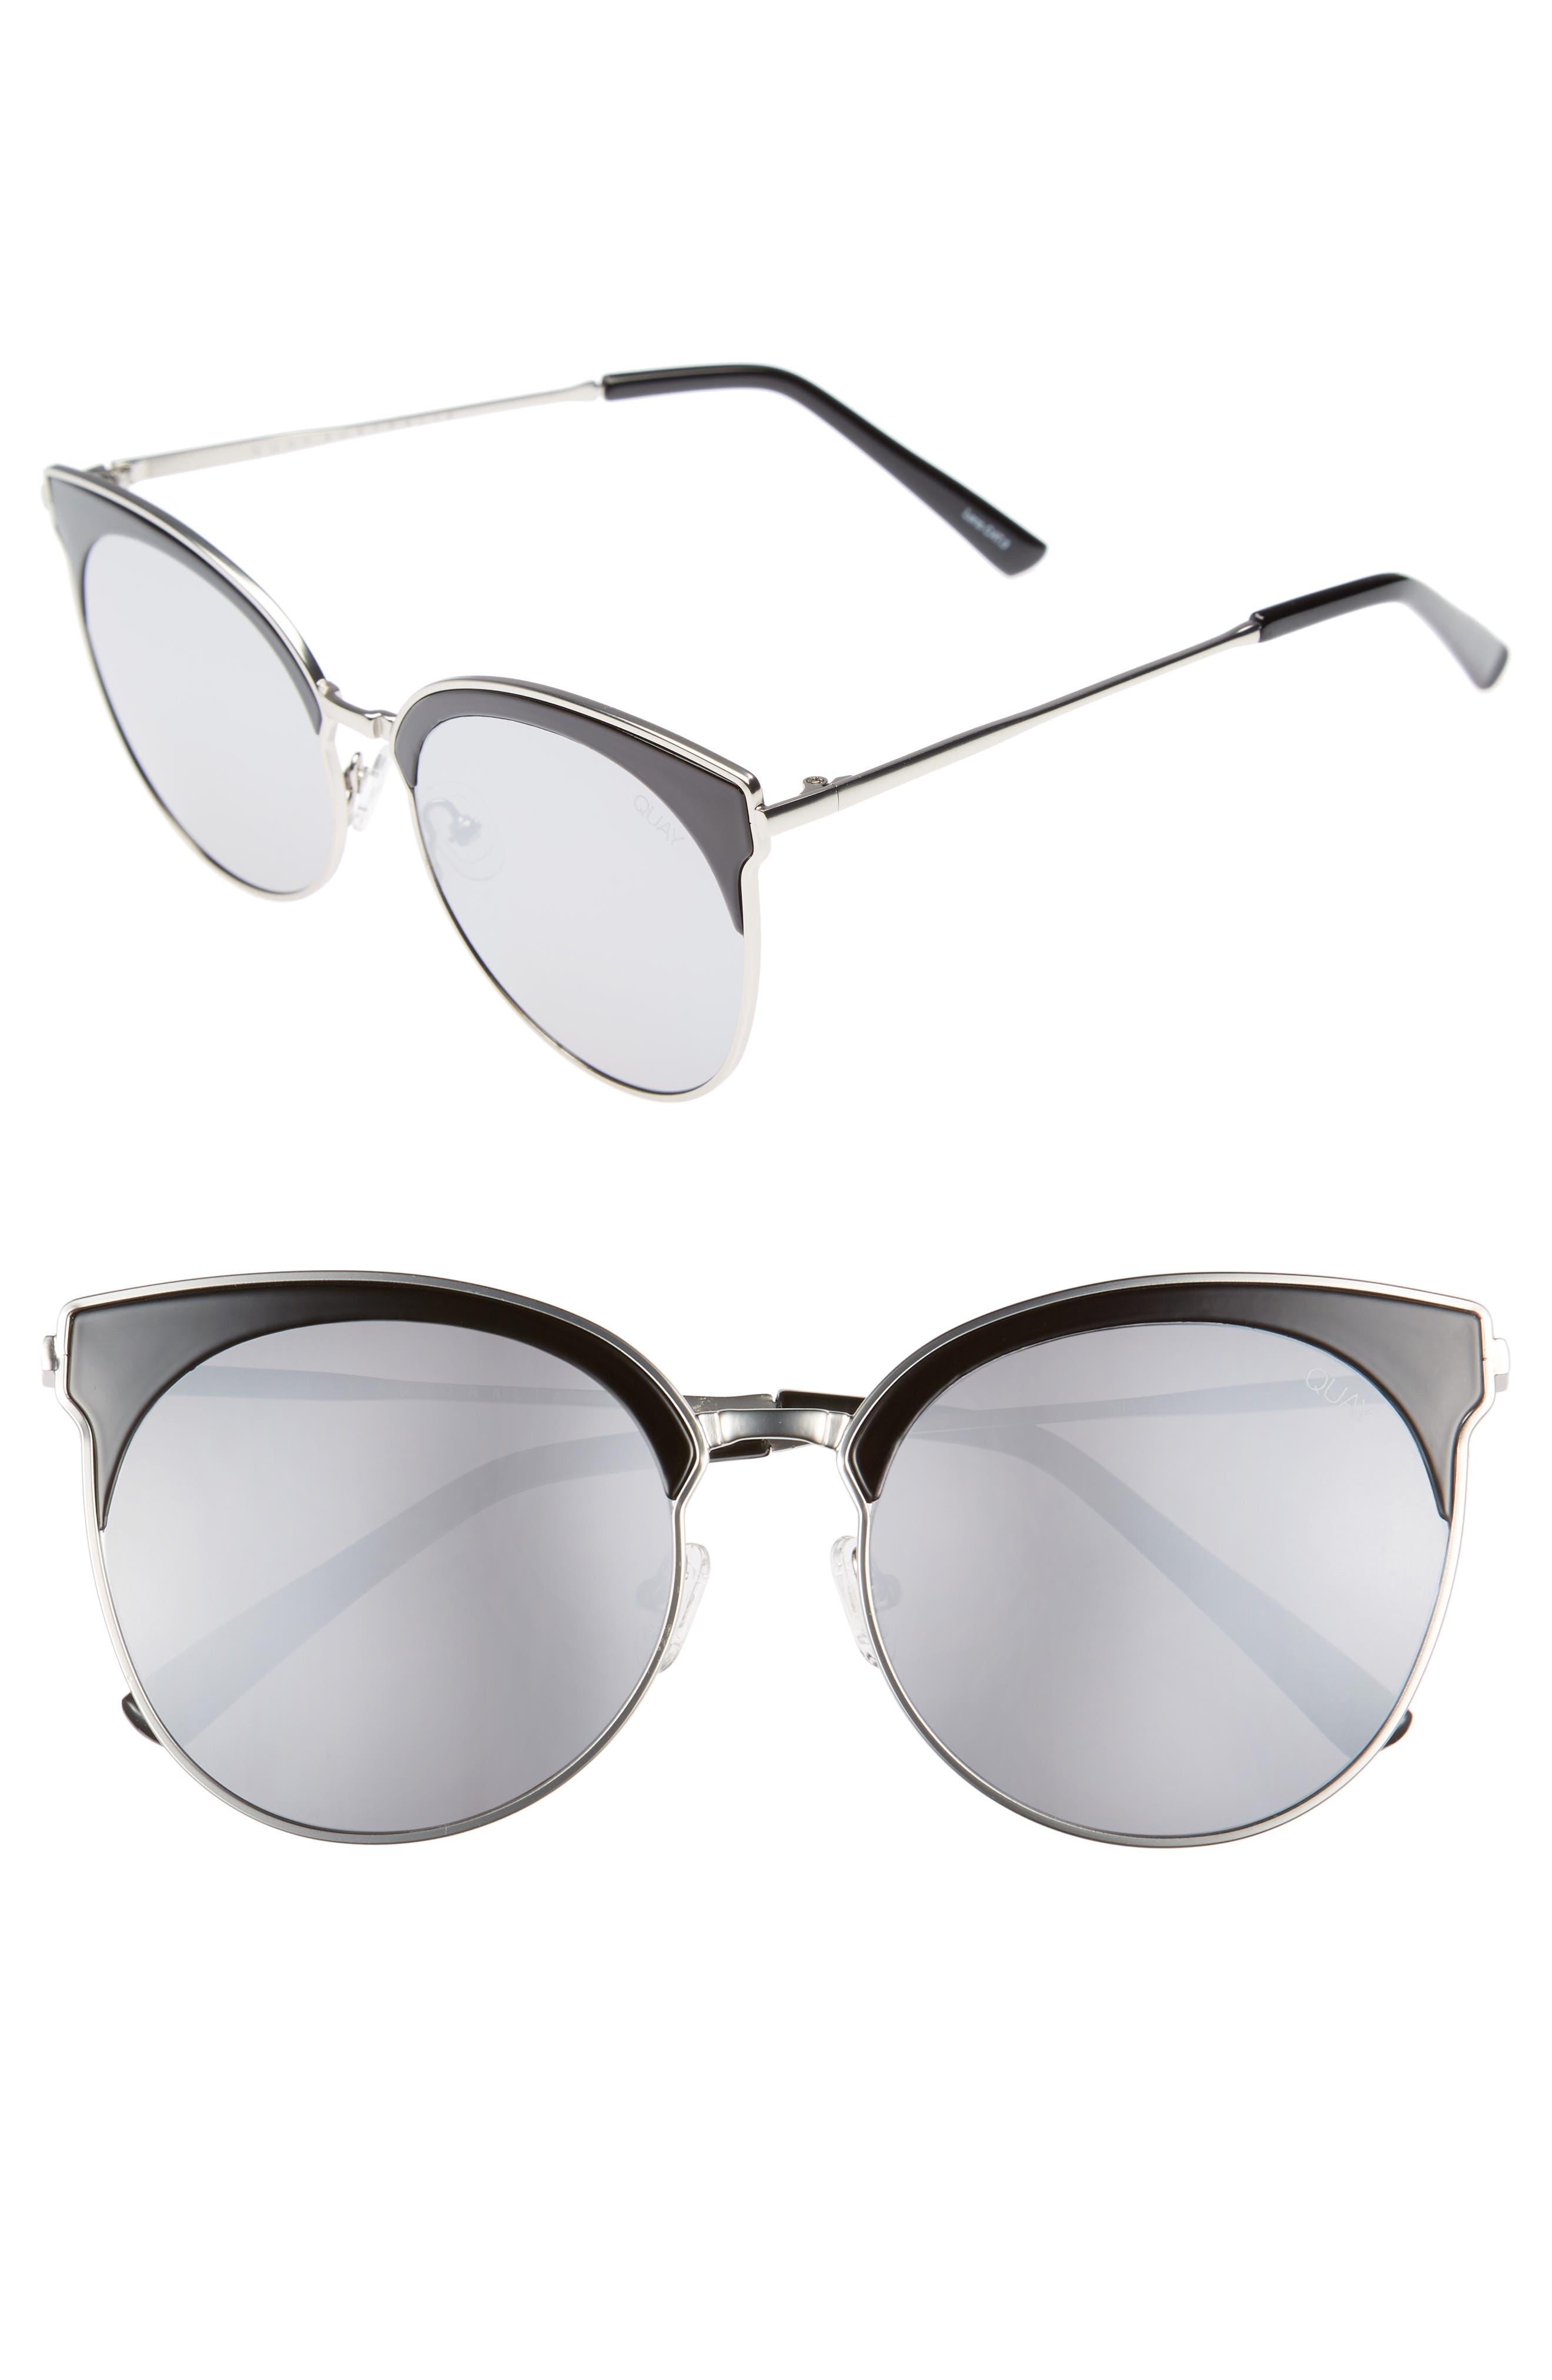 Quay Australia Mia Bella 56mm Sunglasses